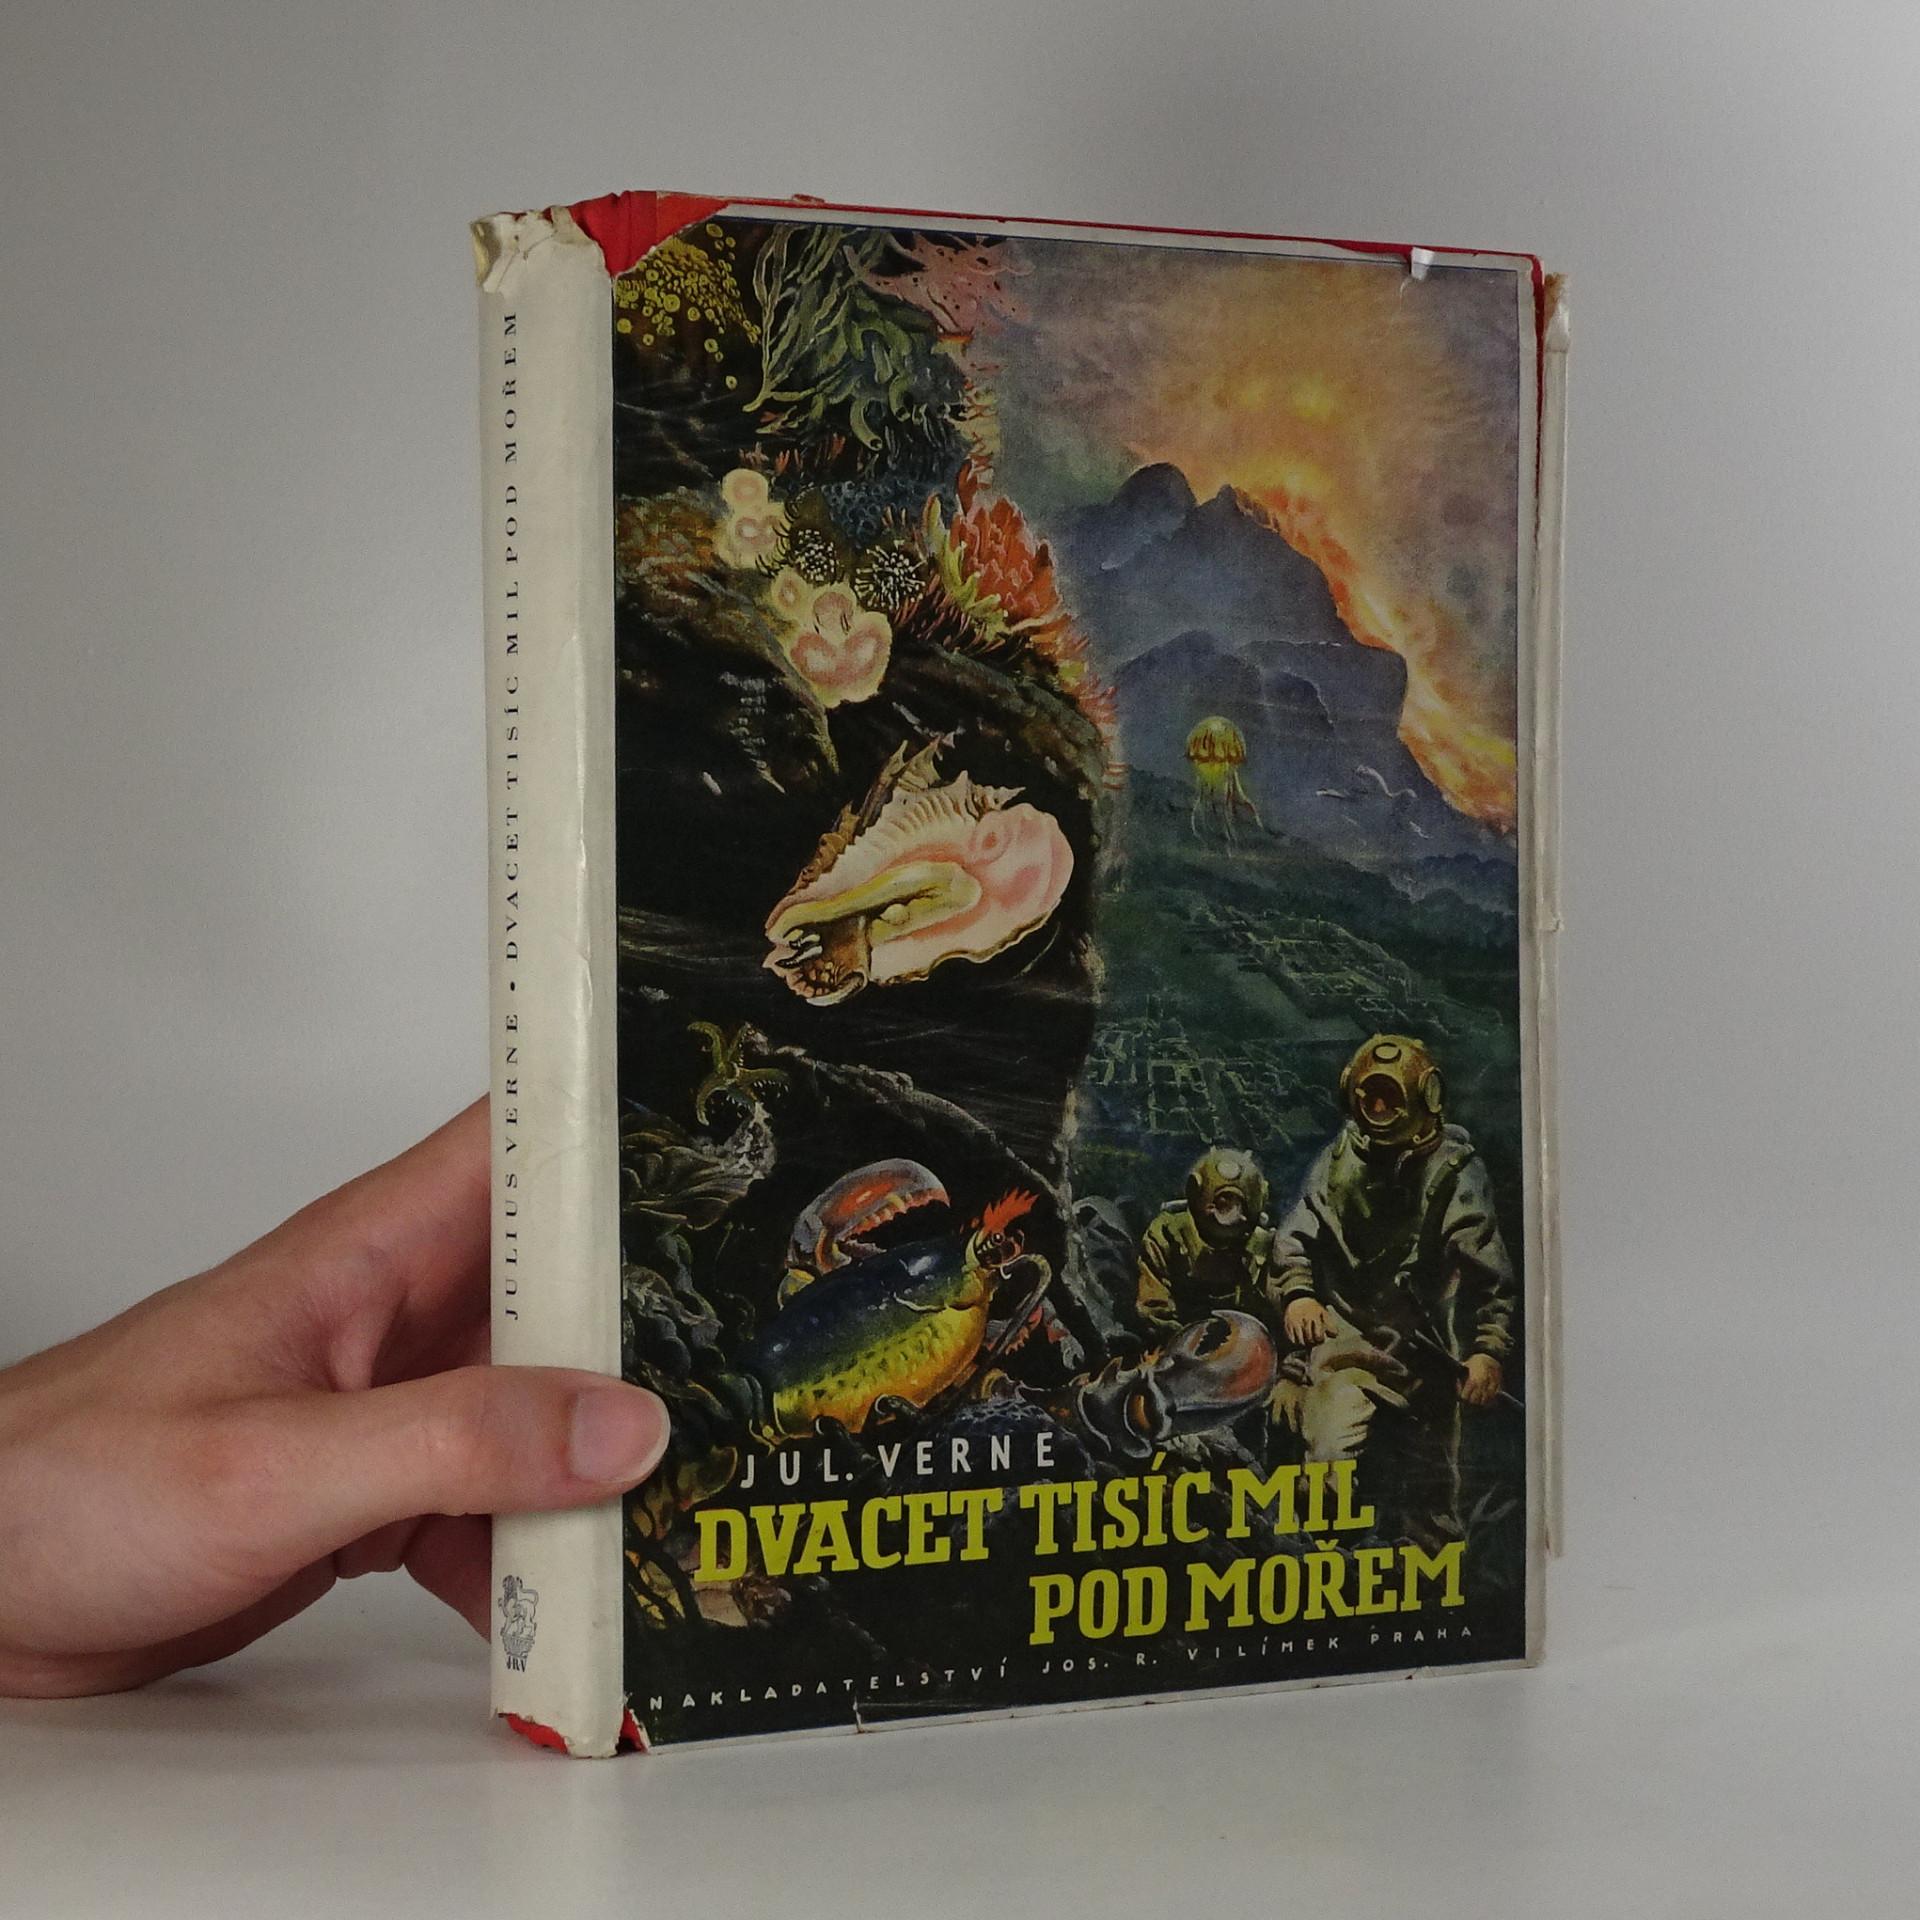 antikvární kniha Dvacet tisíc mil pod mořem, 1949